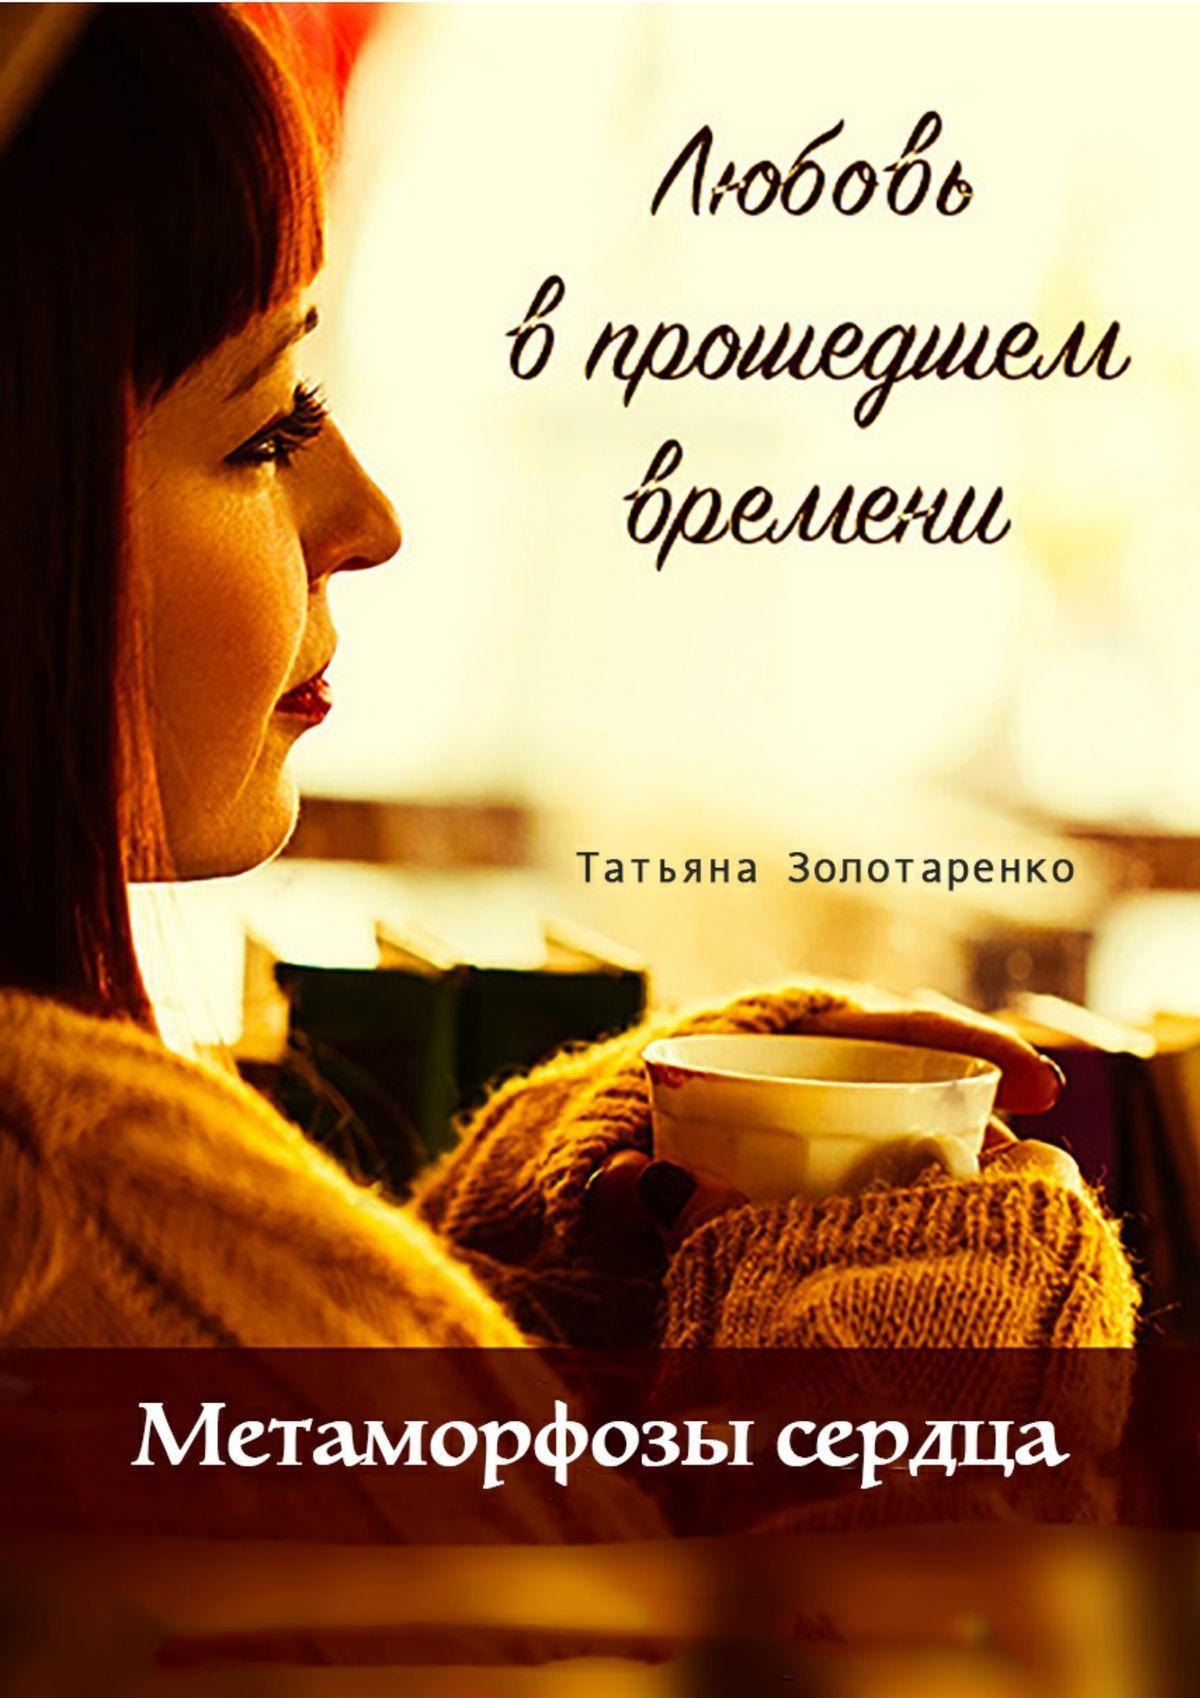 Татьяна Золотаренко Метаморфозы сердца. Любовь в прошедшем времени бонсай метаморфозы любви